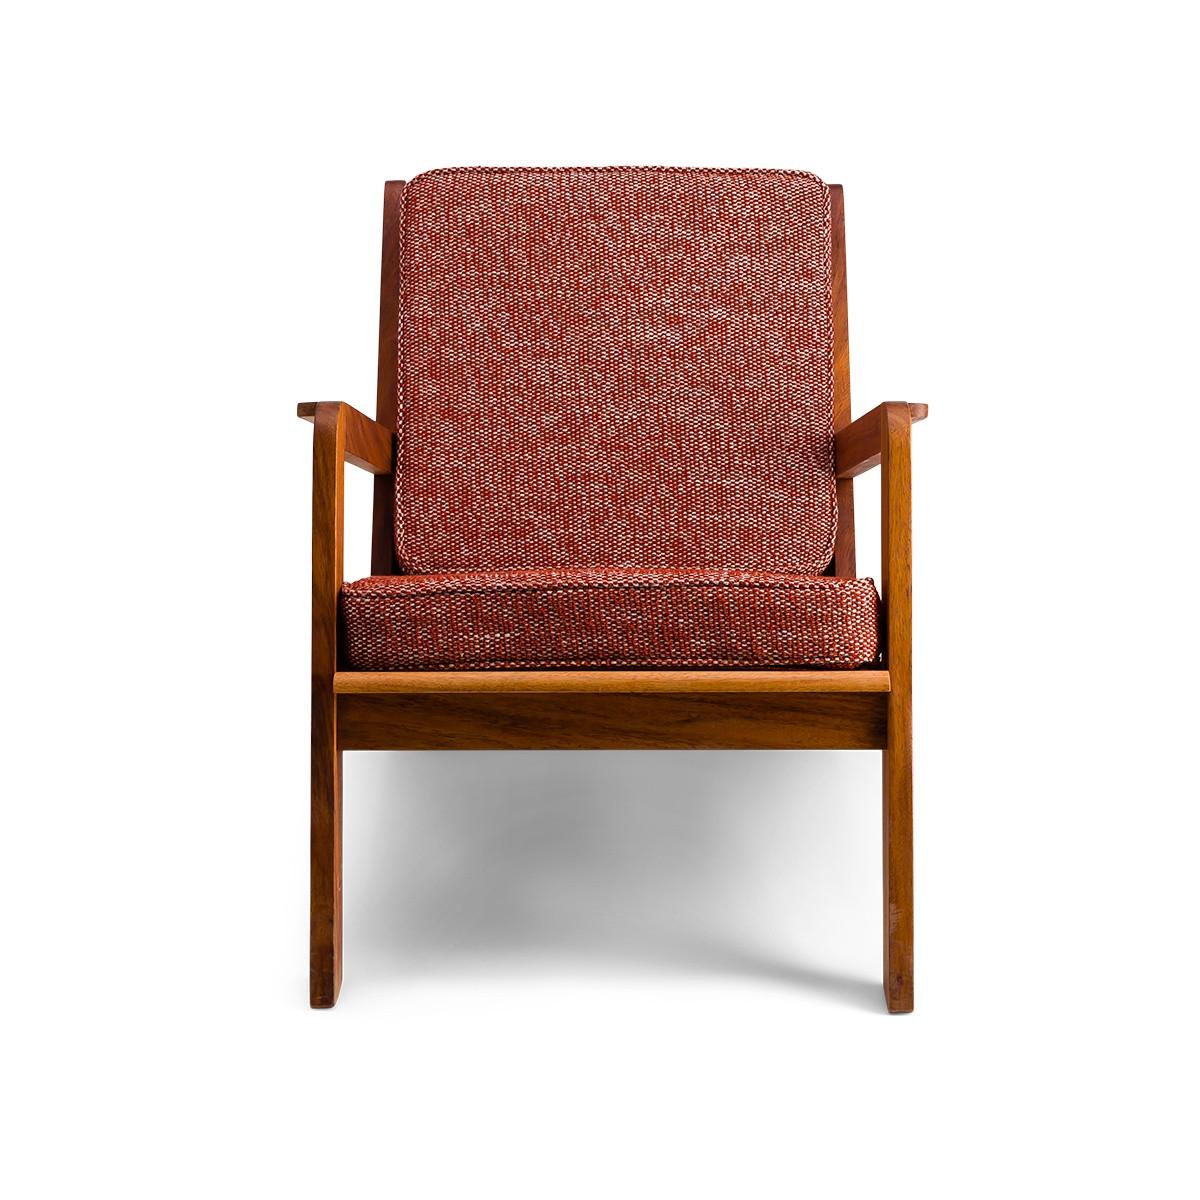 Chauffeuse Gloria bois brun tissu texturé rouge et blanc